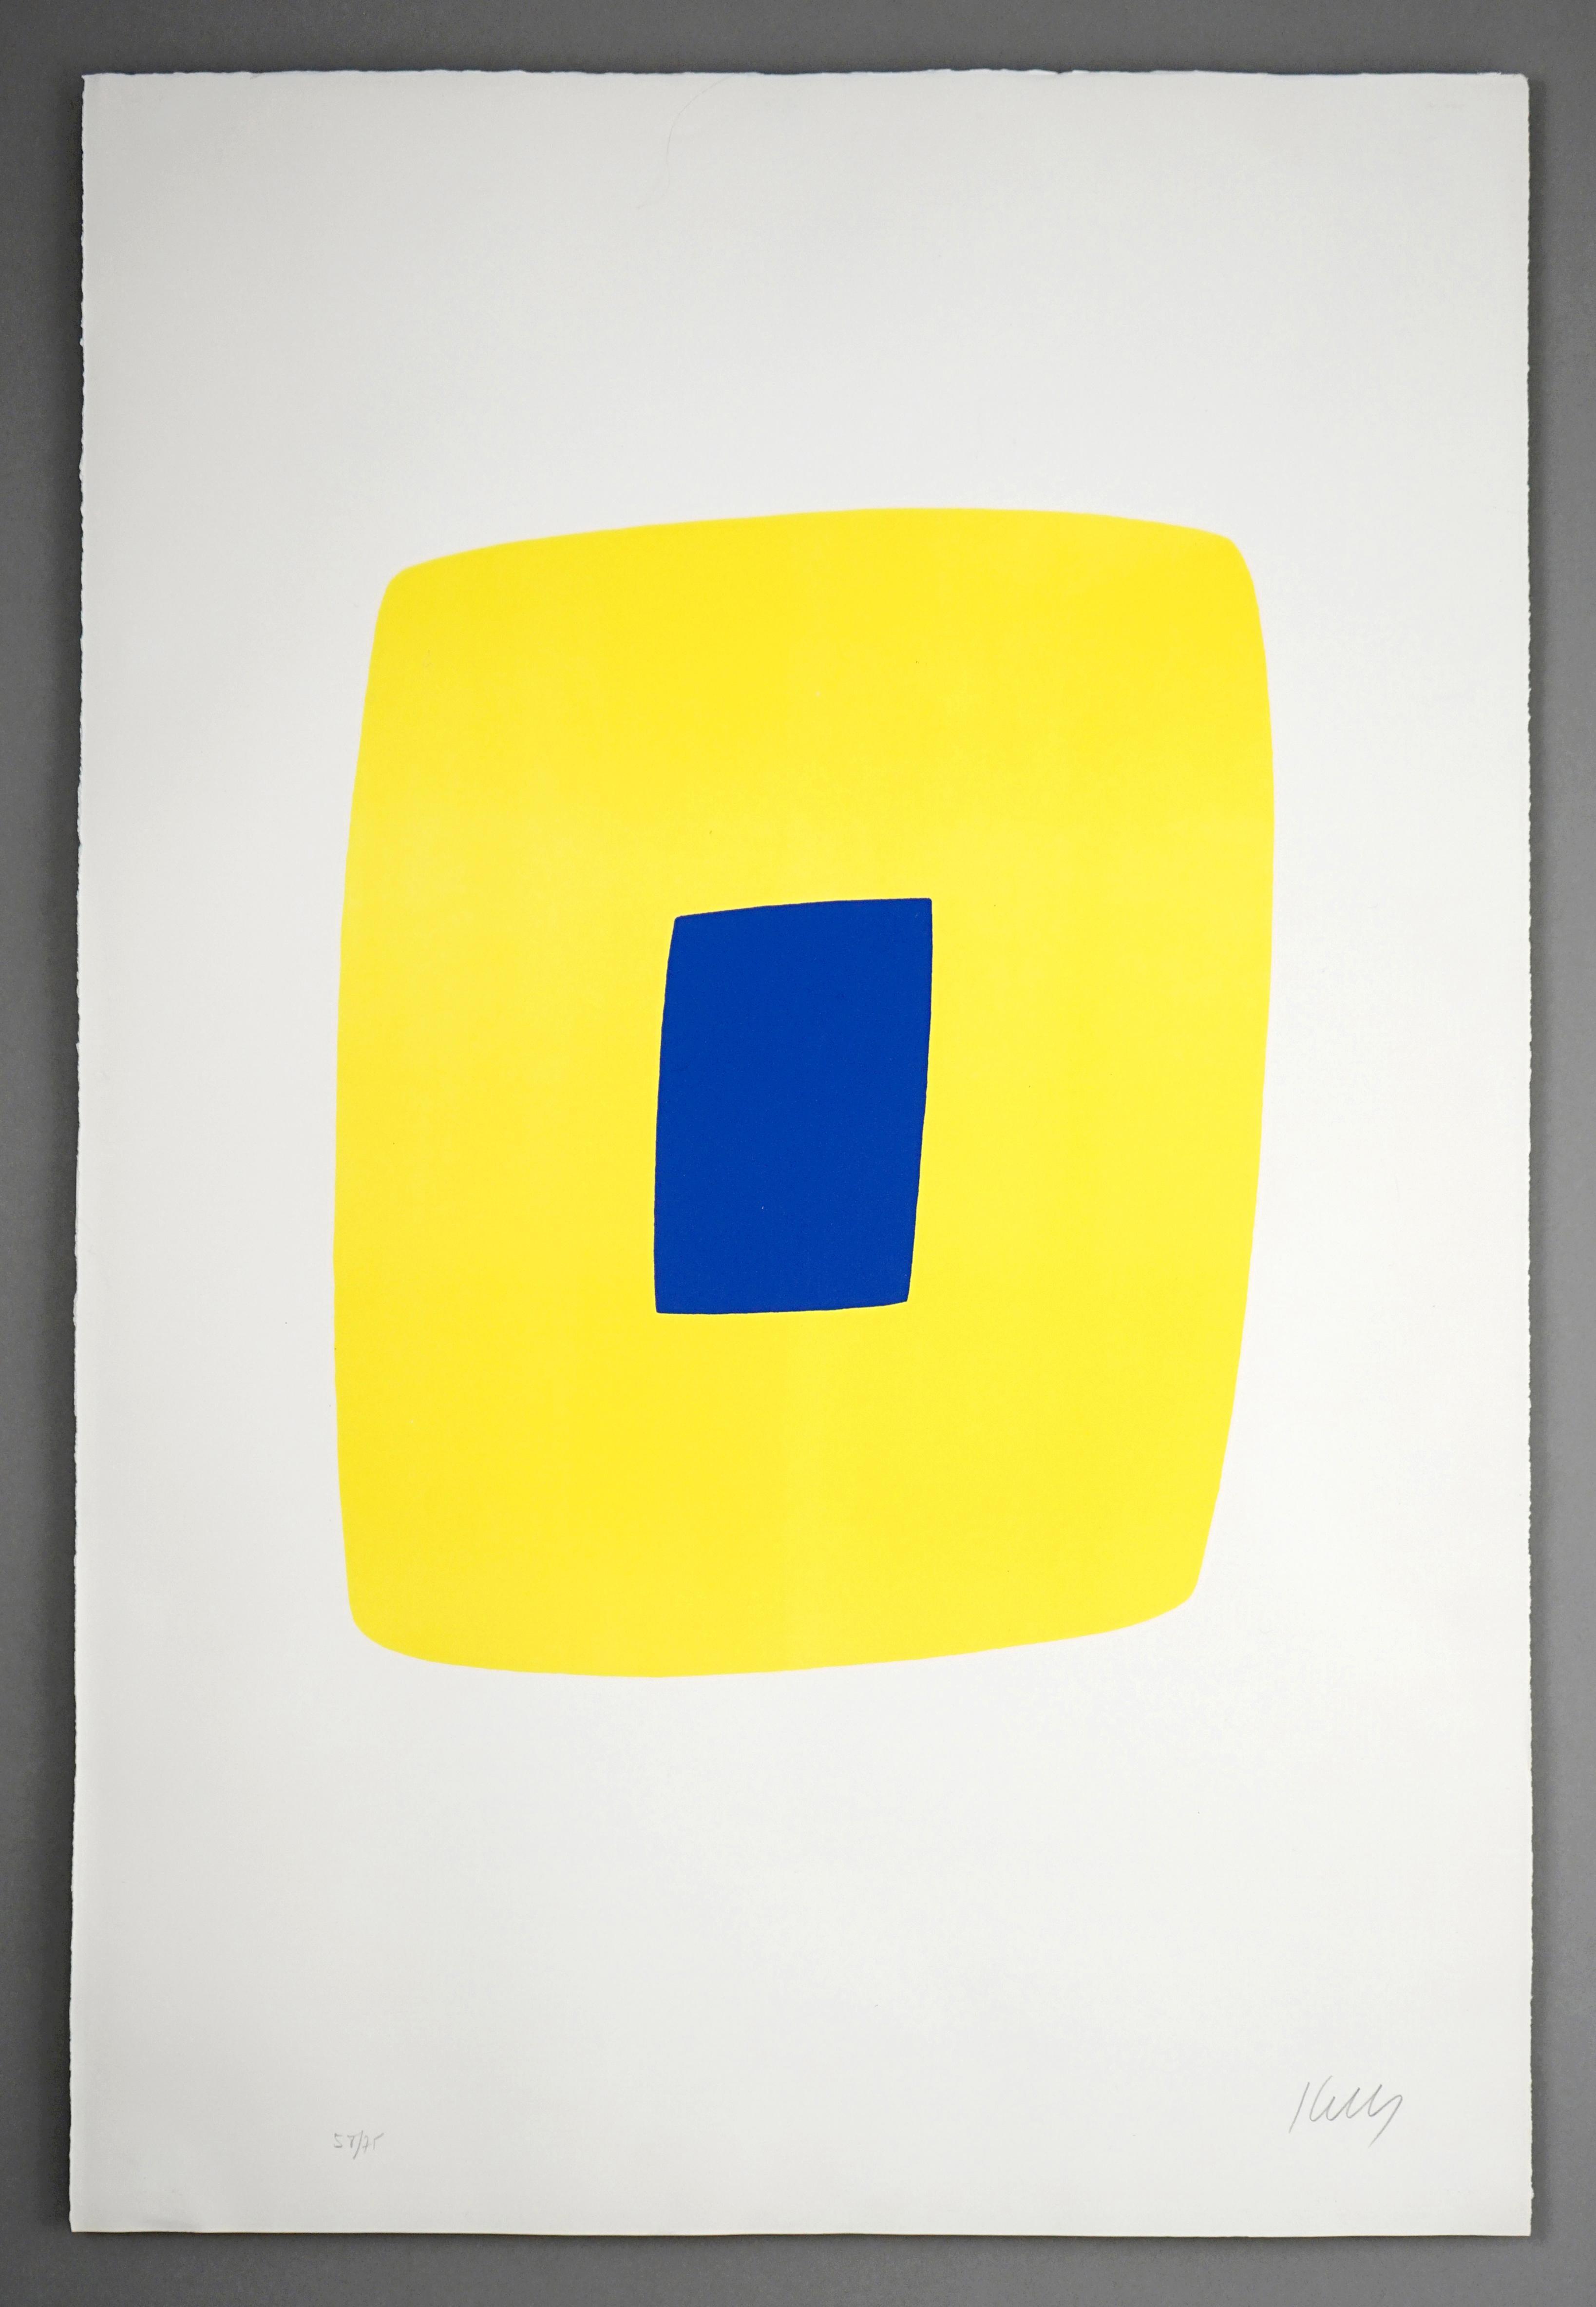 Yellow with Dark Blue (Jaune avec Bleu Foncé)